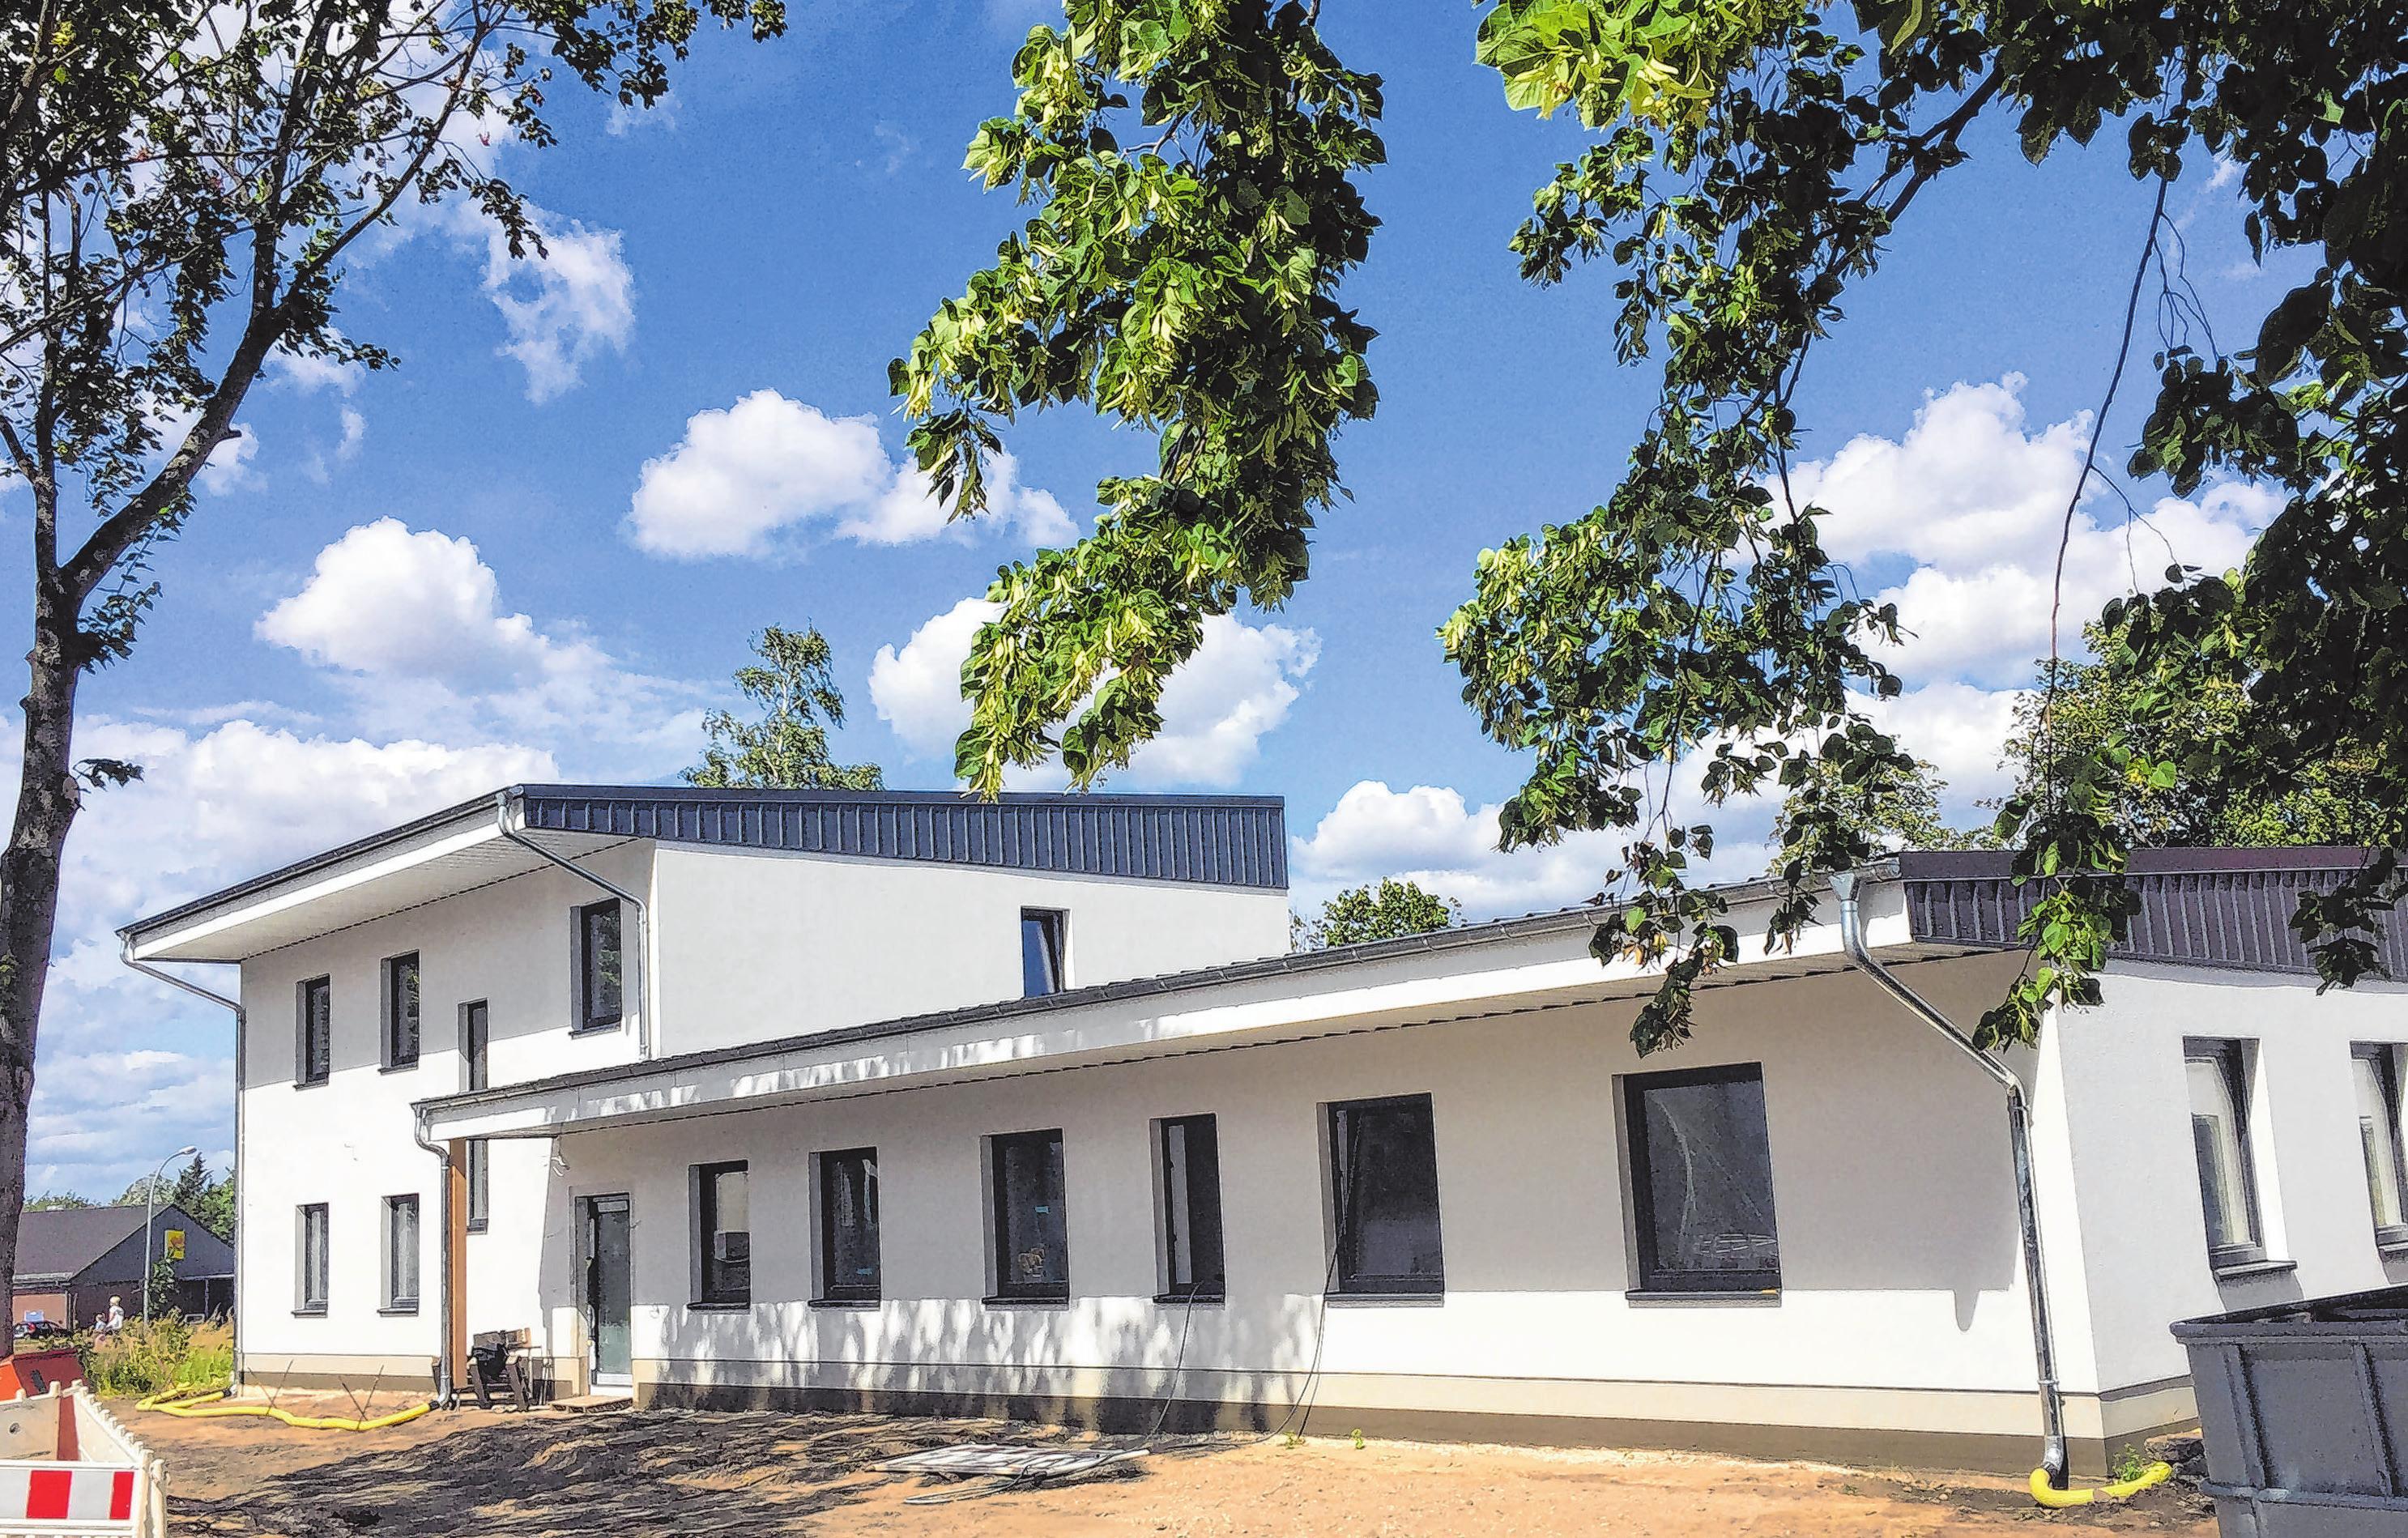 Das neue Gebäude an der Ecke Bahnhofstraße und Berliner Allee in Fehrbellin: Das Therapiezentrum präsentiert sich modern. Fotos (2): mae